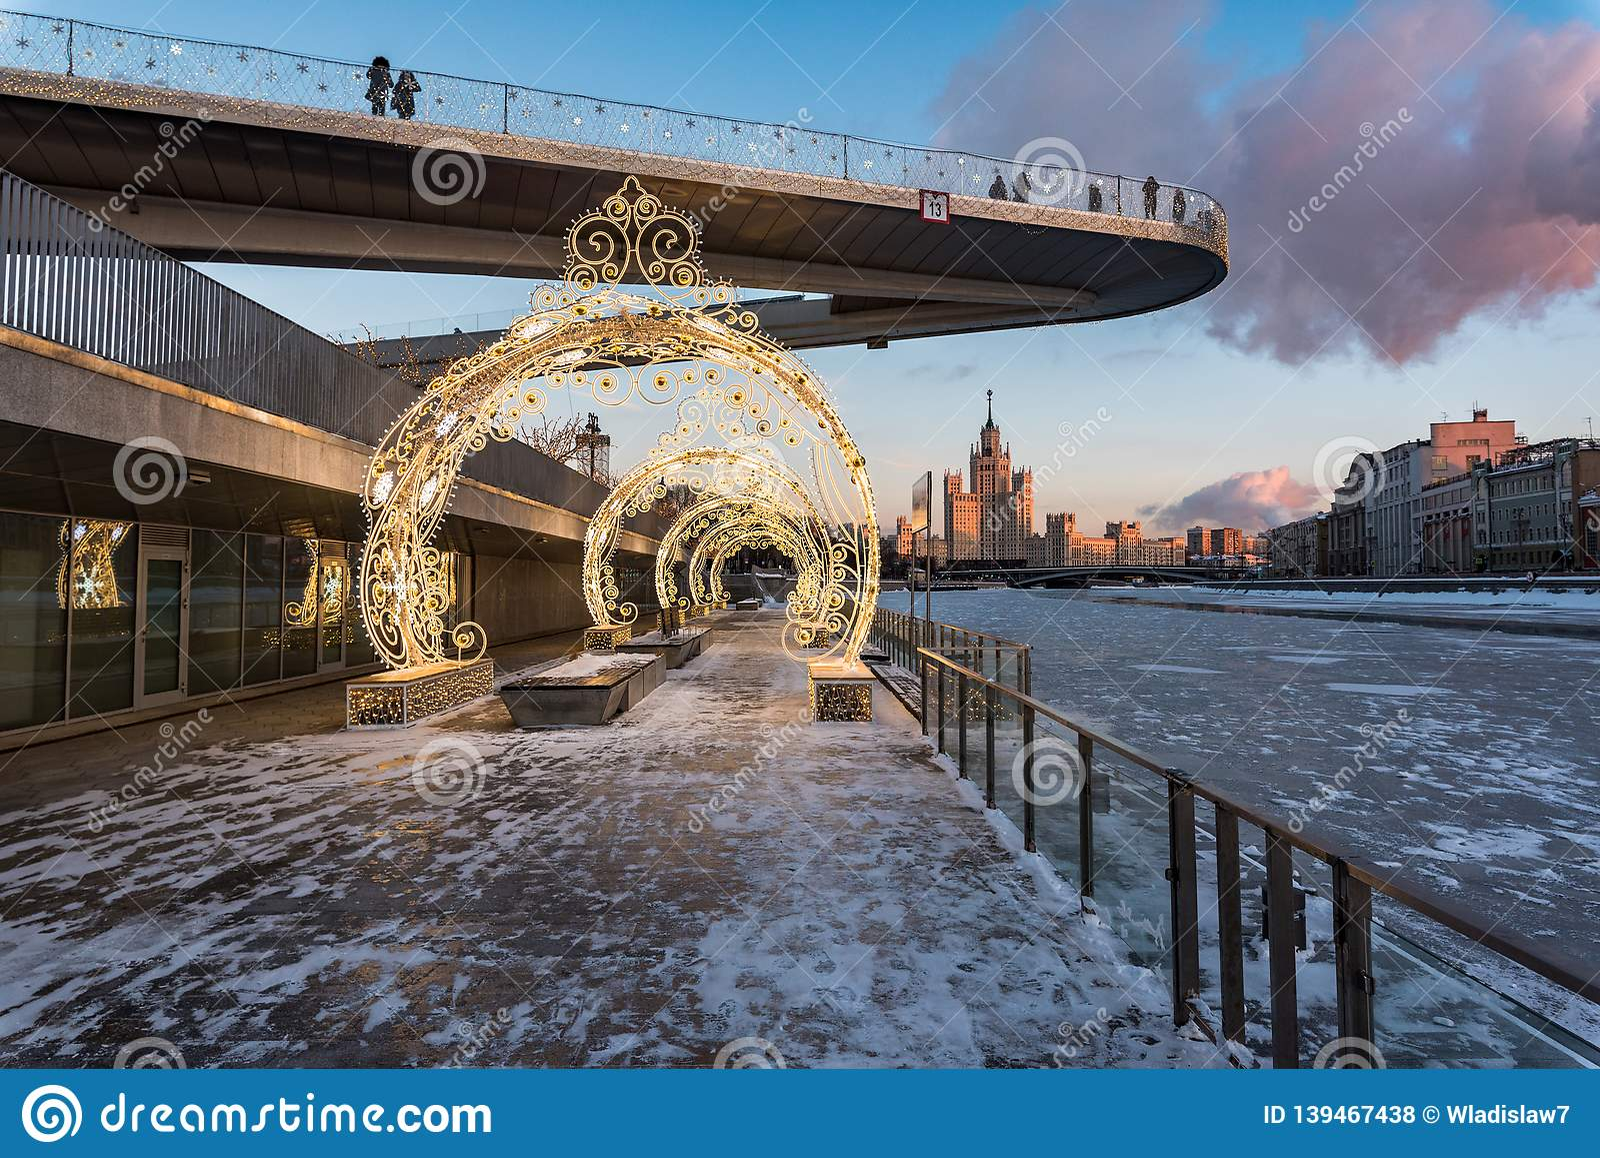 People on a floating bridge